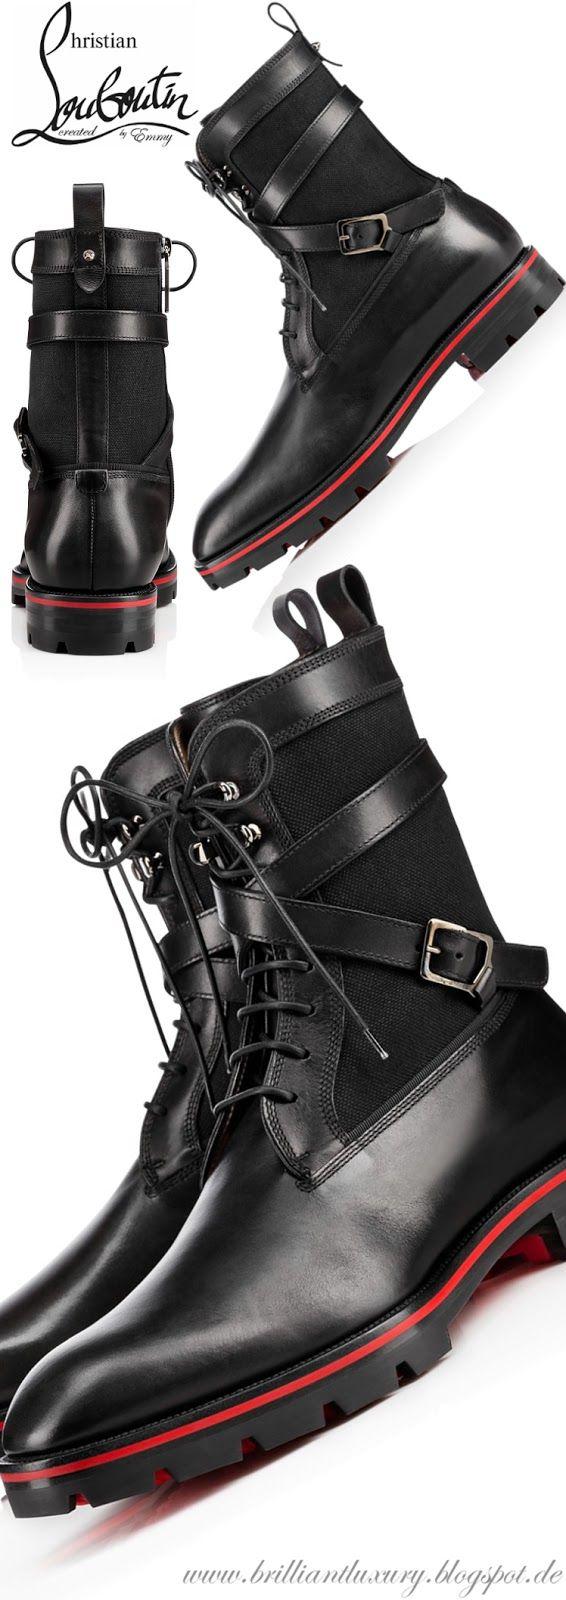 énorme réduction 7d9d5 3014d Brilliant Luxury ♢ Christian Louboutin Safacroc Flat ...